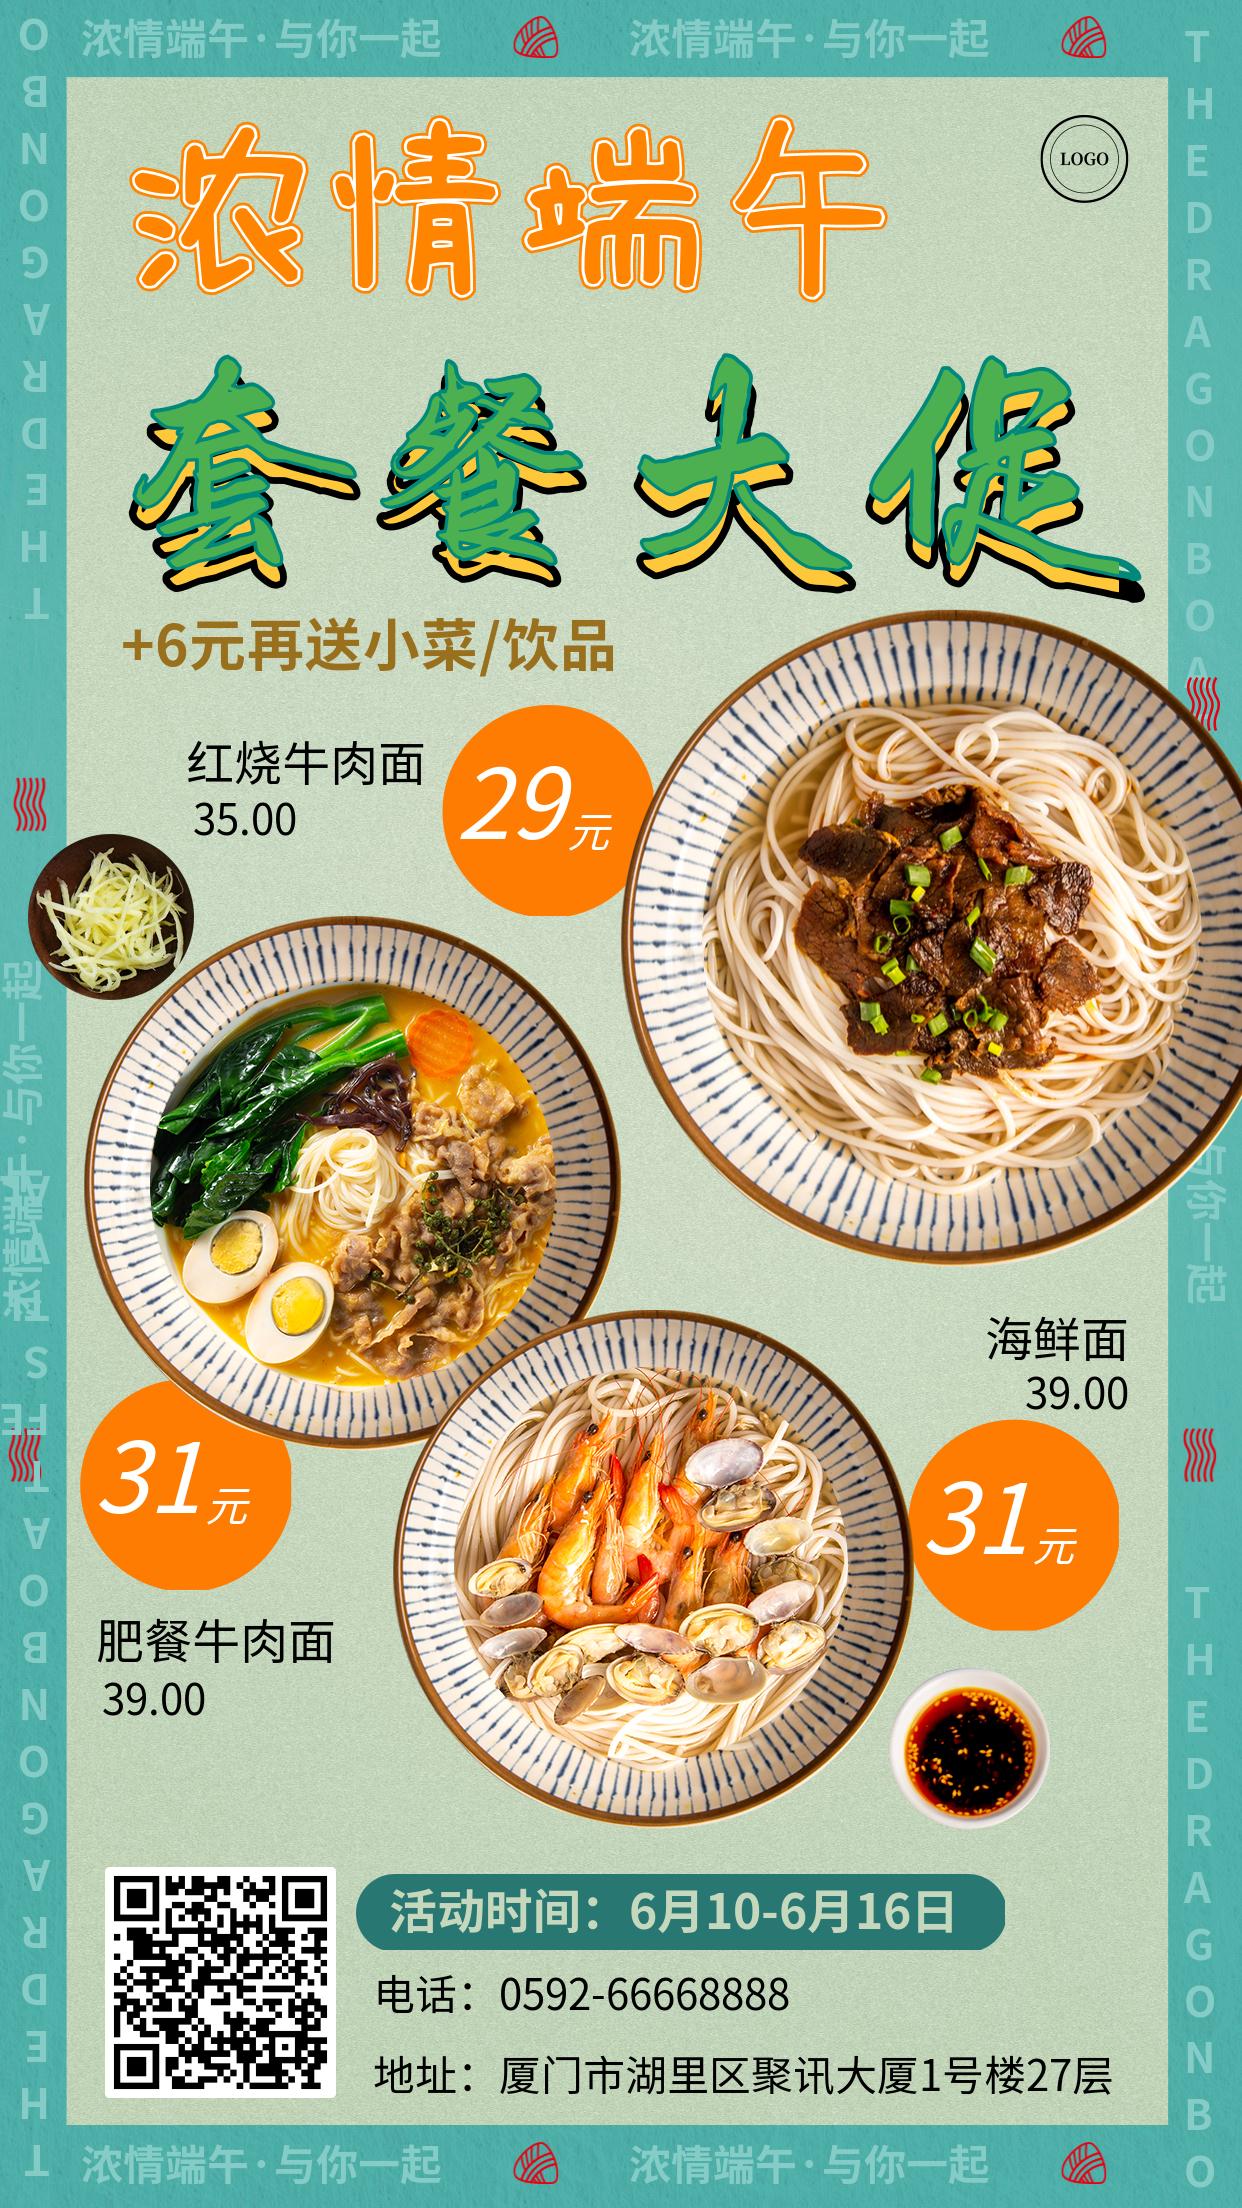 餐饮端午节促销活动海报